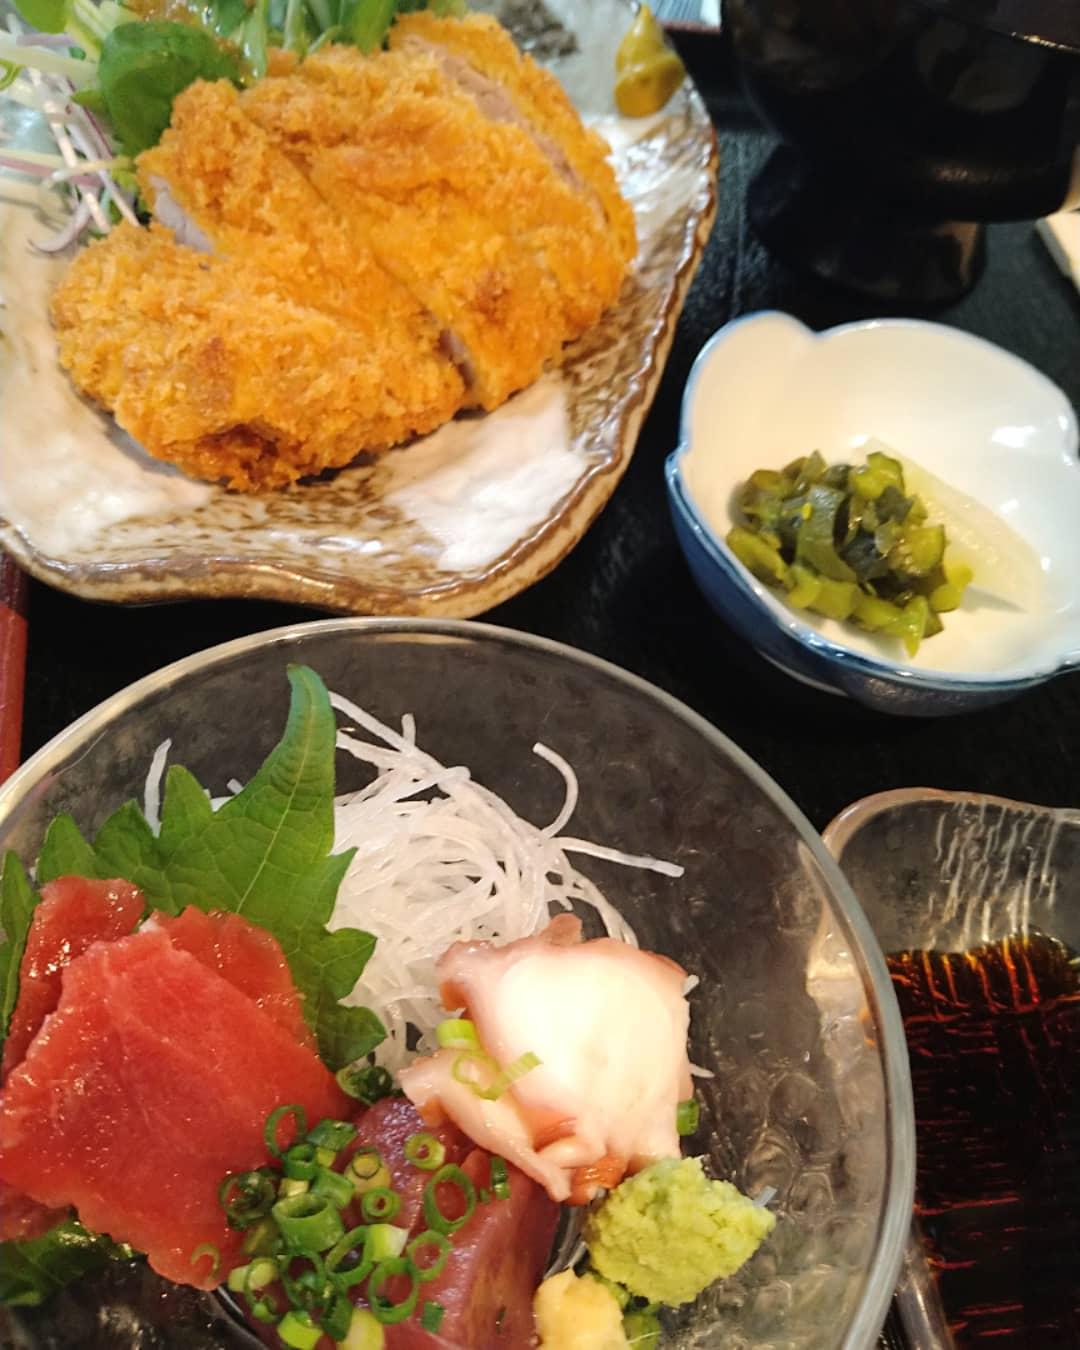 本日の日替わりランチ、刺身とヒレカツ定食は完売致しました!  本日もたくさんのご来店、誠にありがとうございました!!